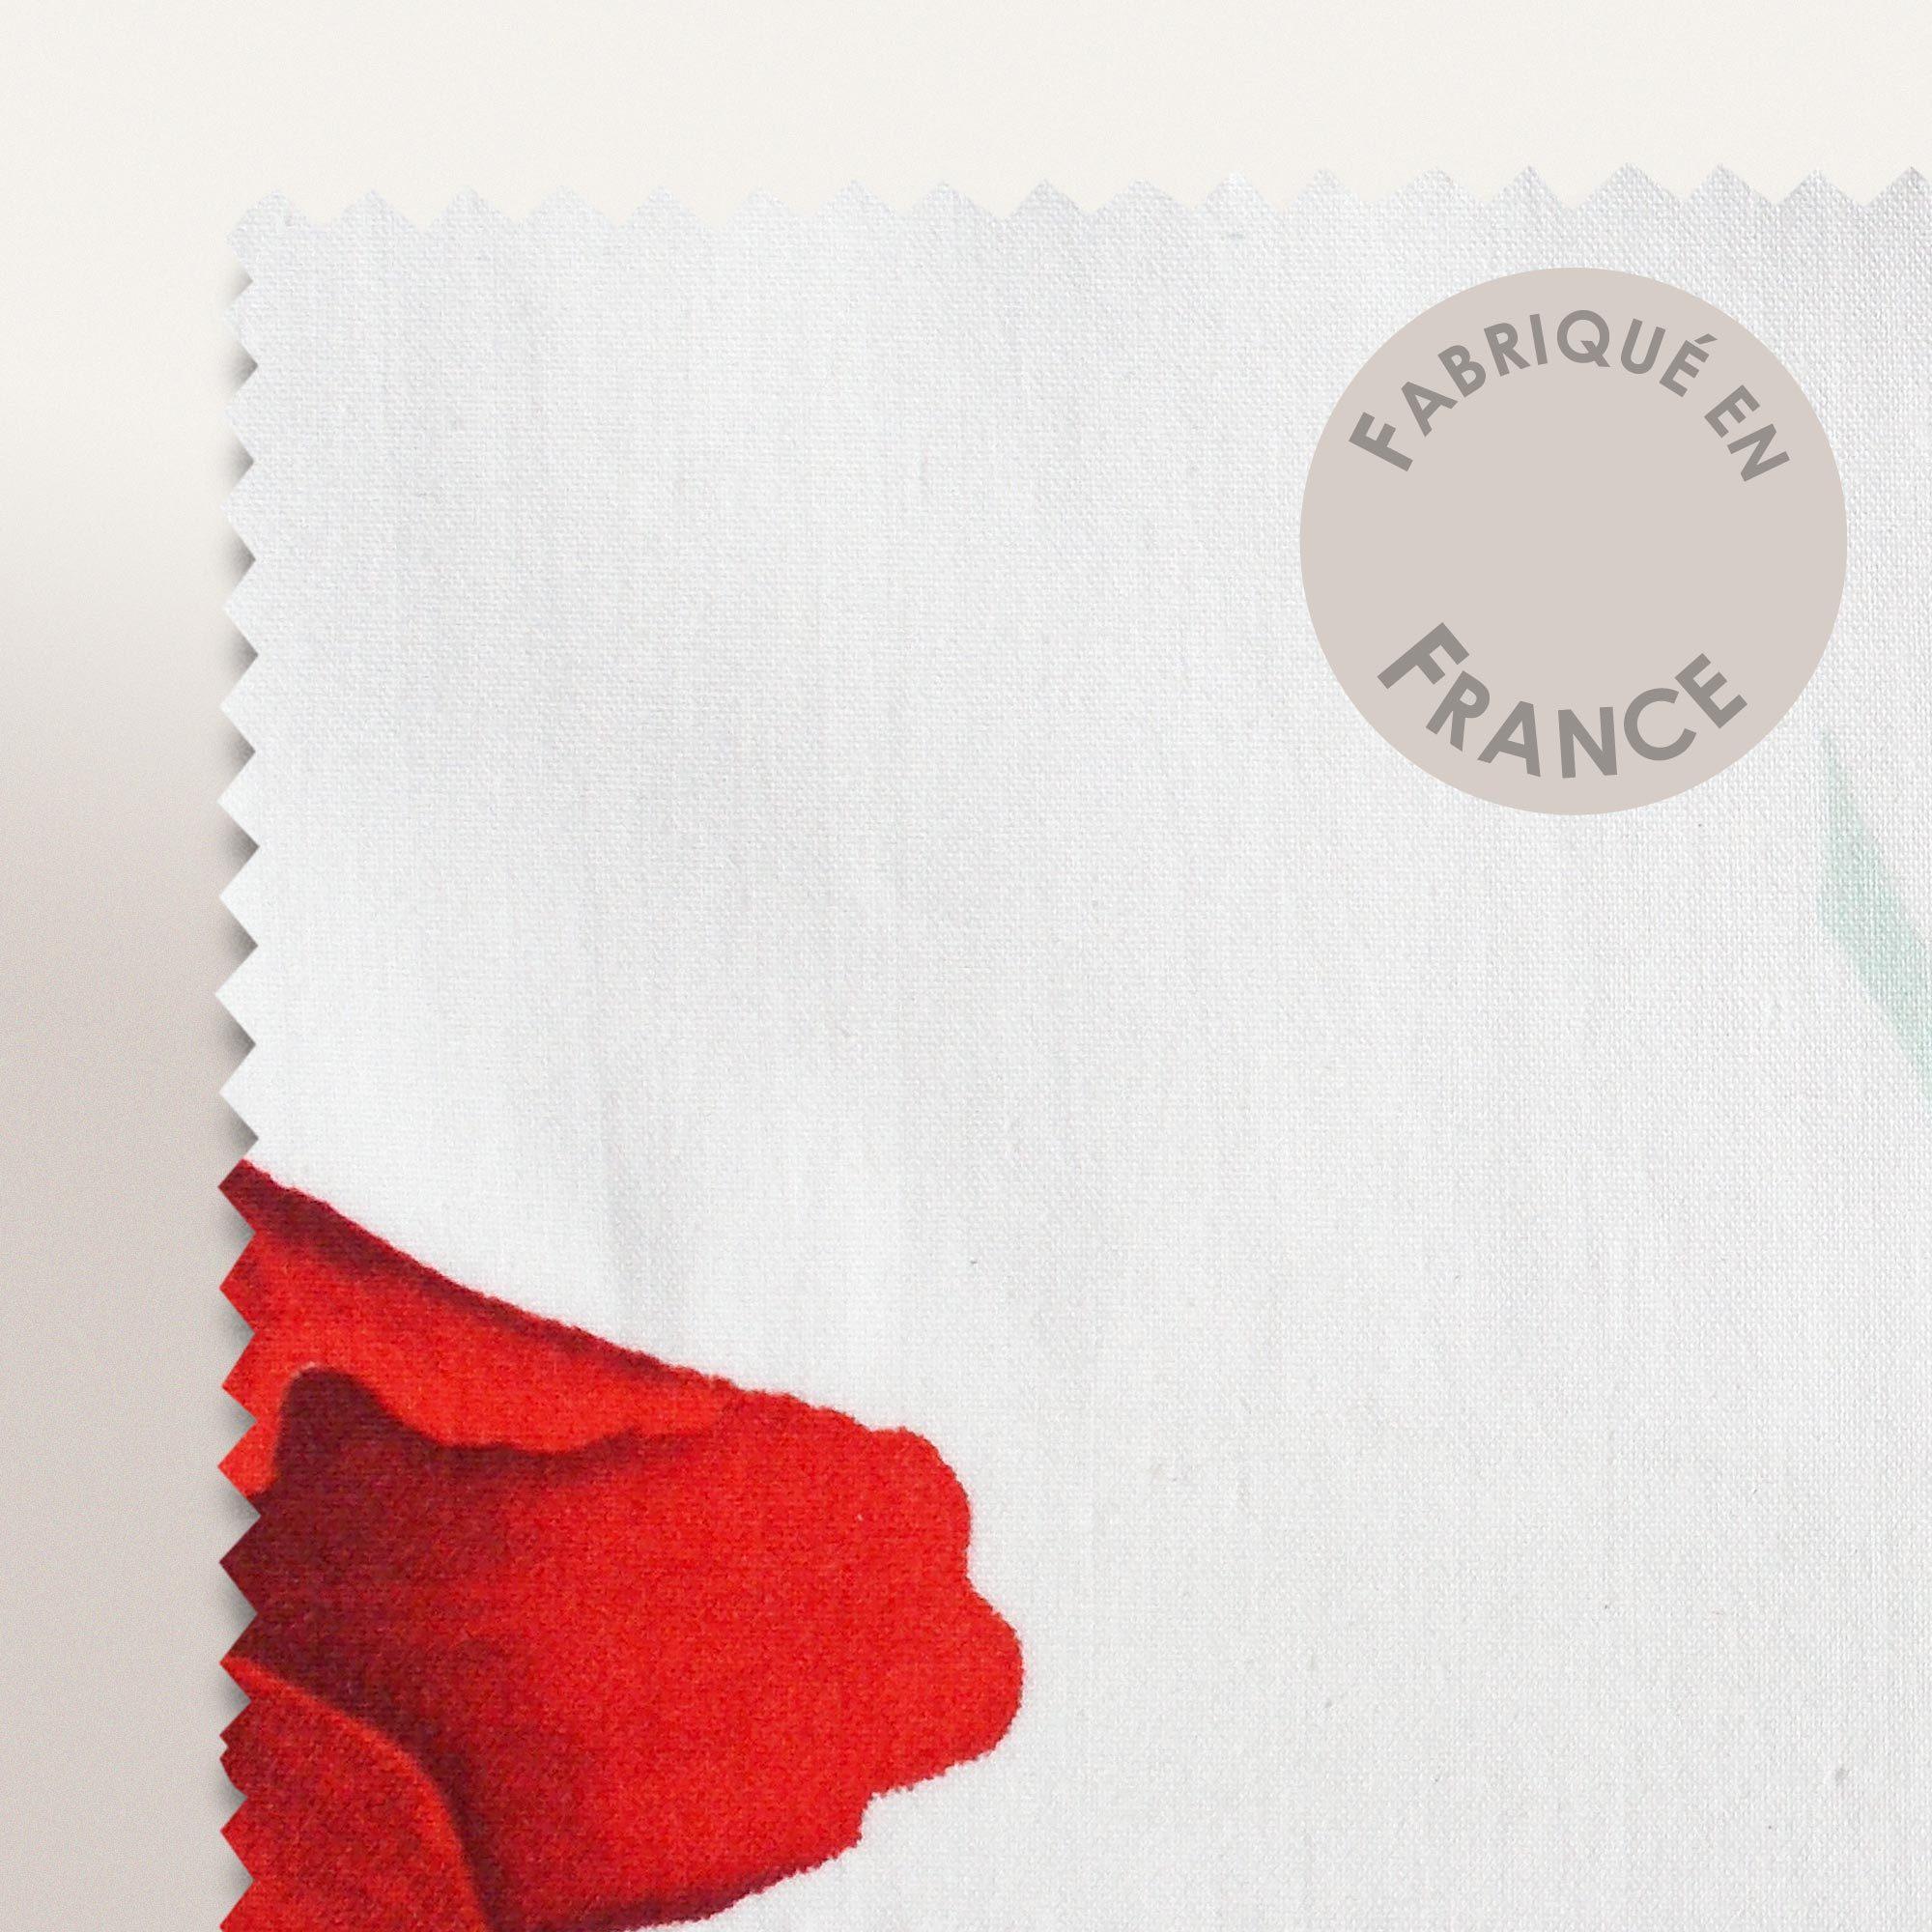 Parure De Lit Percale Pur Coton Peigne 140x200 Cm Seduction Linnea